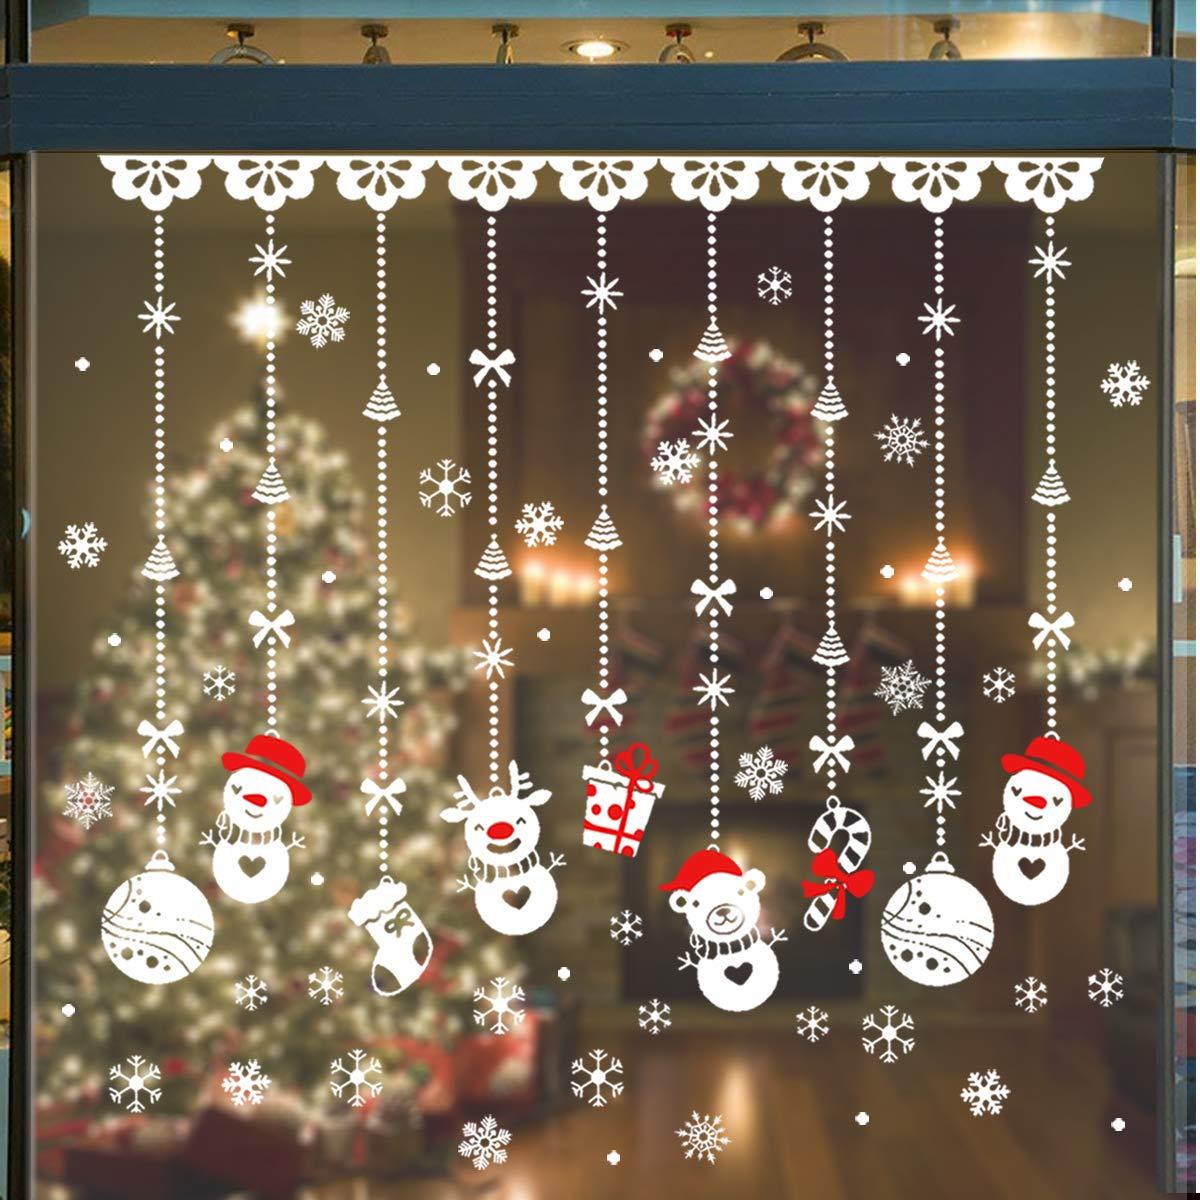 Adesivi Decorativi Natalizi 180Pcs - Vetrofanie Natale Fiocco di Neve, Glueless PVC Vetrofanie Rimovibile DIY Adesivi di Natale Decora La Tue Finestre, Pupazzo/Fiocco di Neve per Vetrine Decorazione per Natale Capodanno YDK_Store